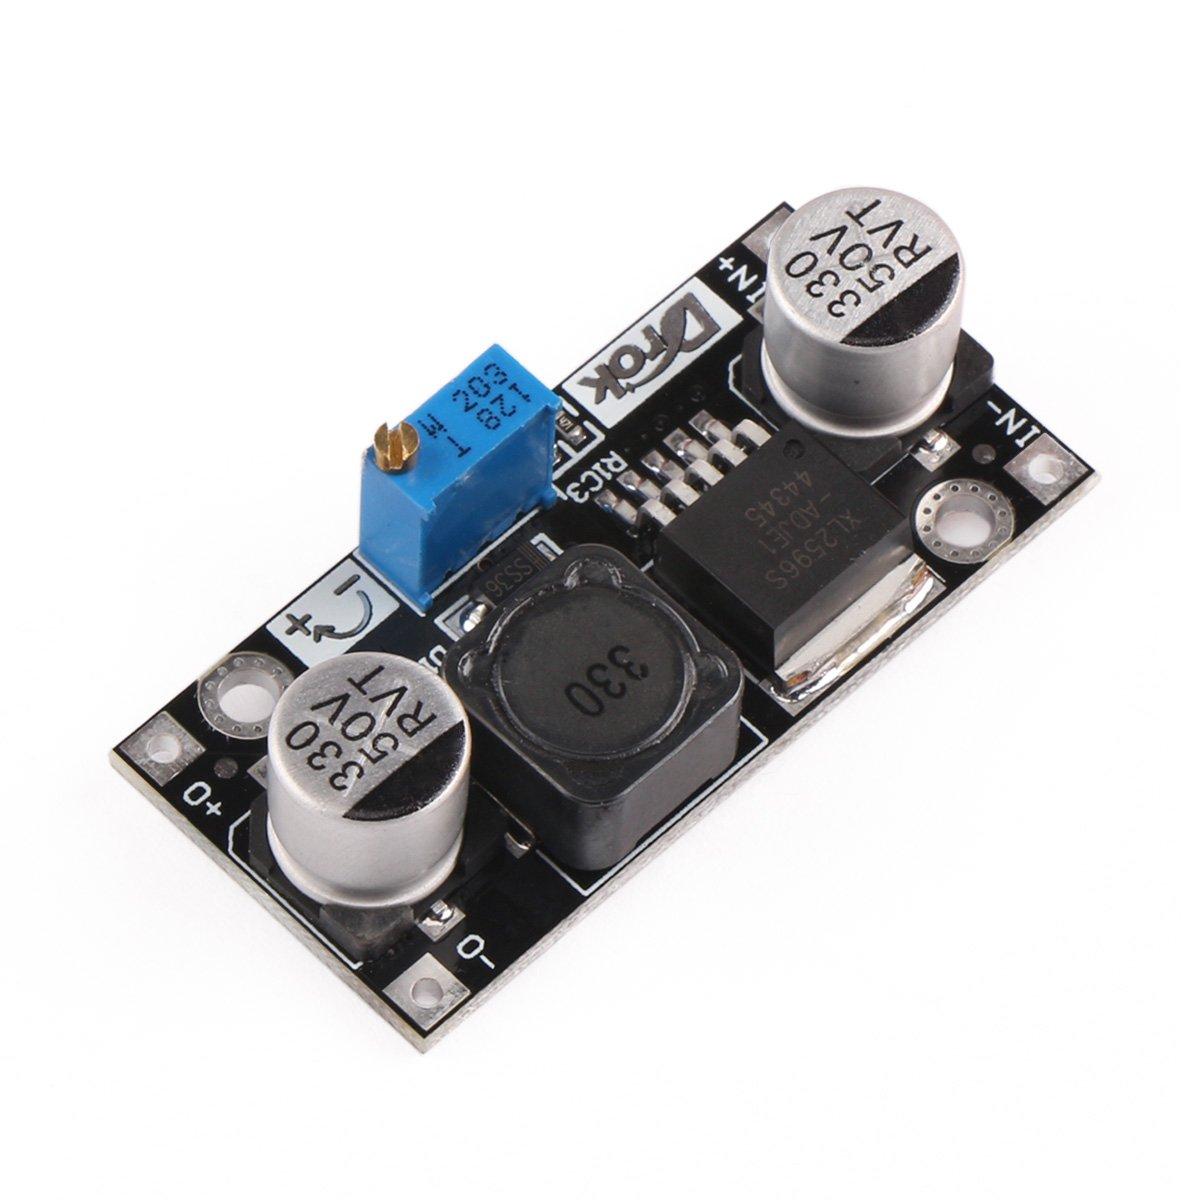 DROK Step Down Voltage Regulator Module DC 4.5-40V 36V 24V to 1.25-37V 12V 9V 5V 3V Variable Buck Converter Adjustable Electronic Power Supply Volt Reducer Transformer Stabilizer Board DCDC Converter